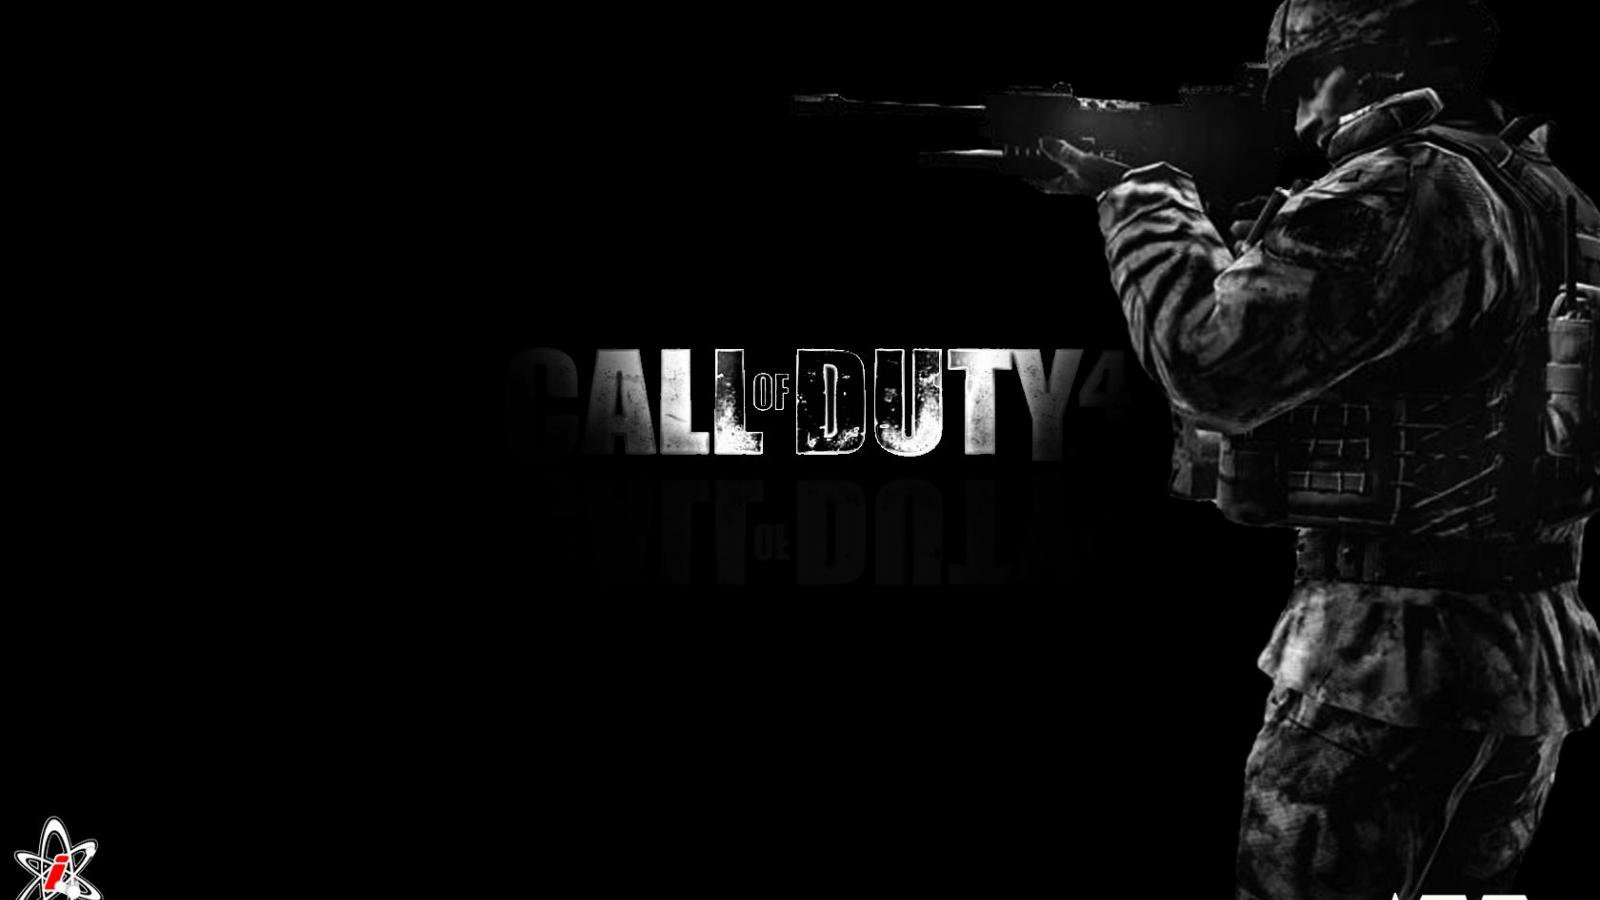 Free Download Call Of Duty Papel De Parede Black Papeis De Parede